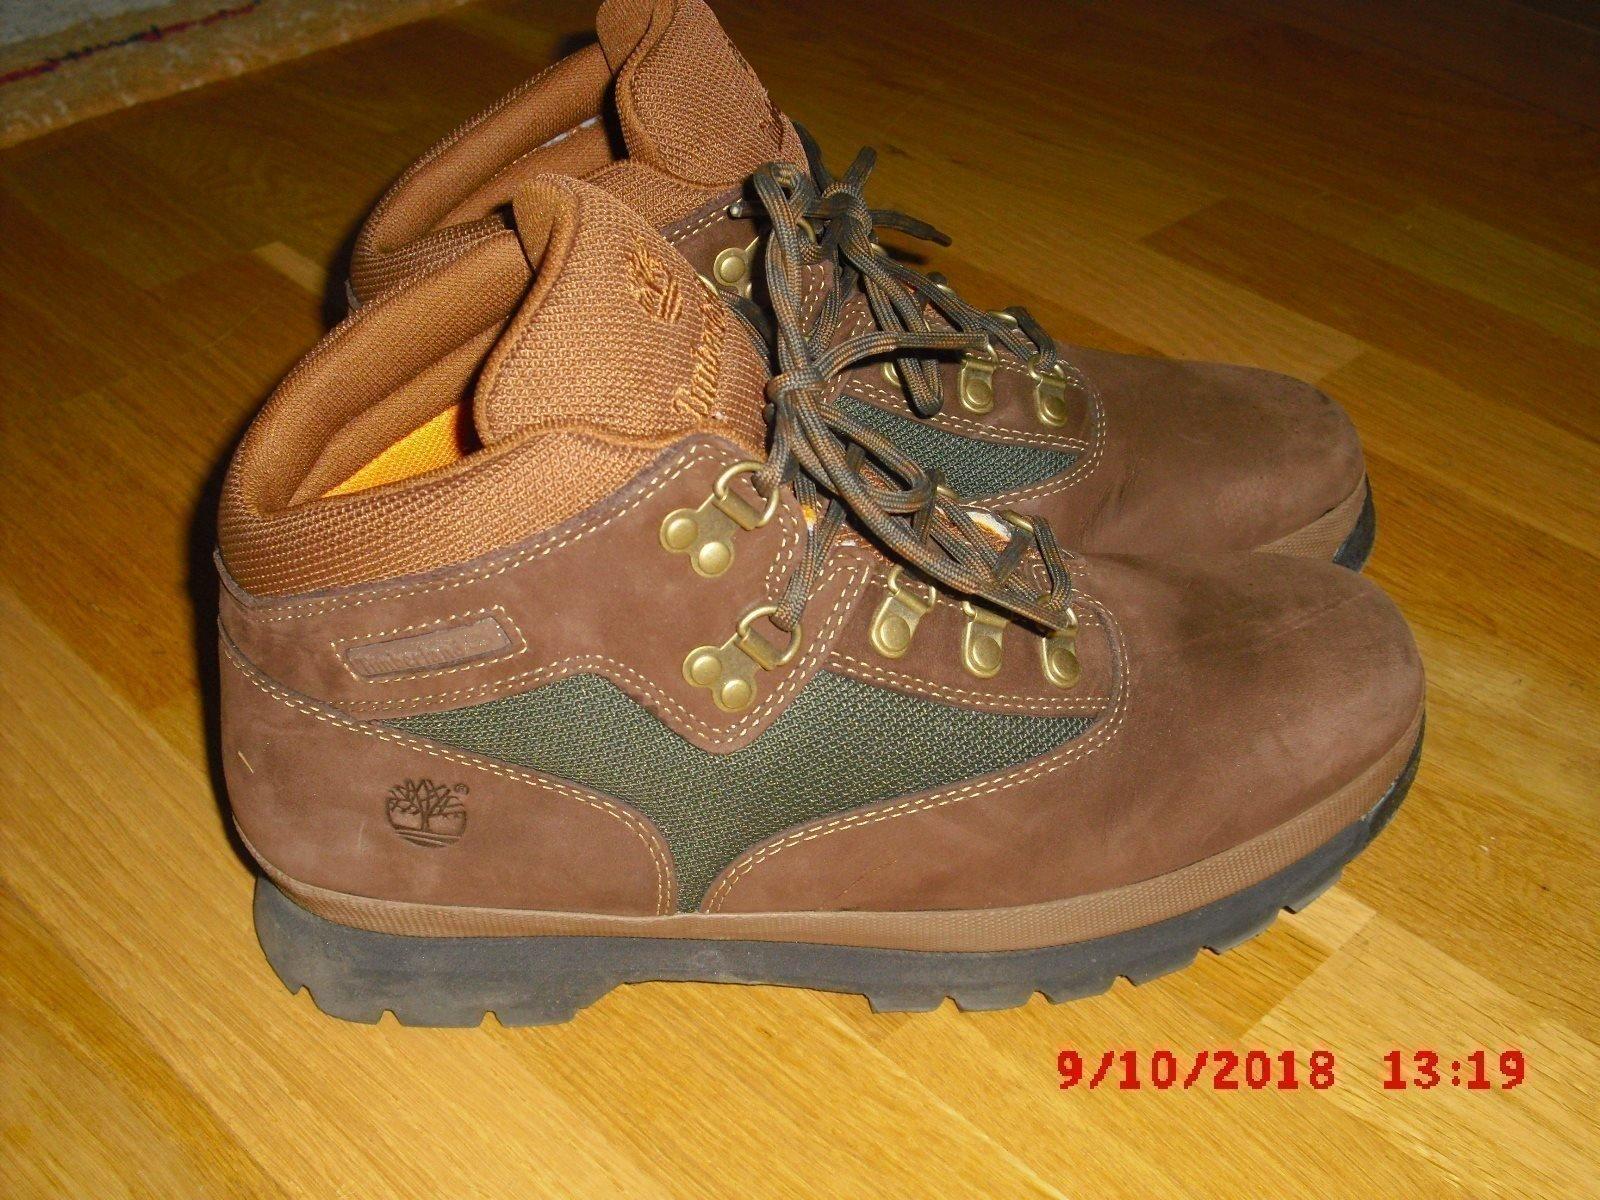 304018a0d16 Timberland skor, storlek 40 (353303644) ᐈ Köp på Tradera